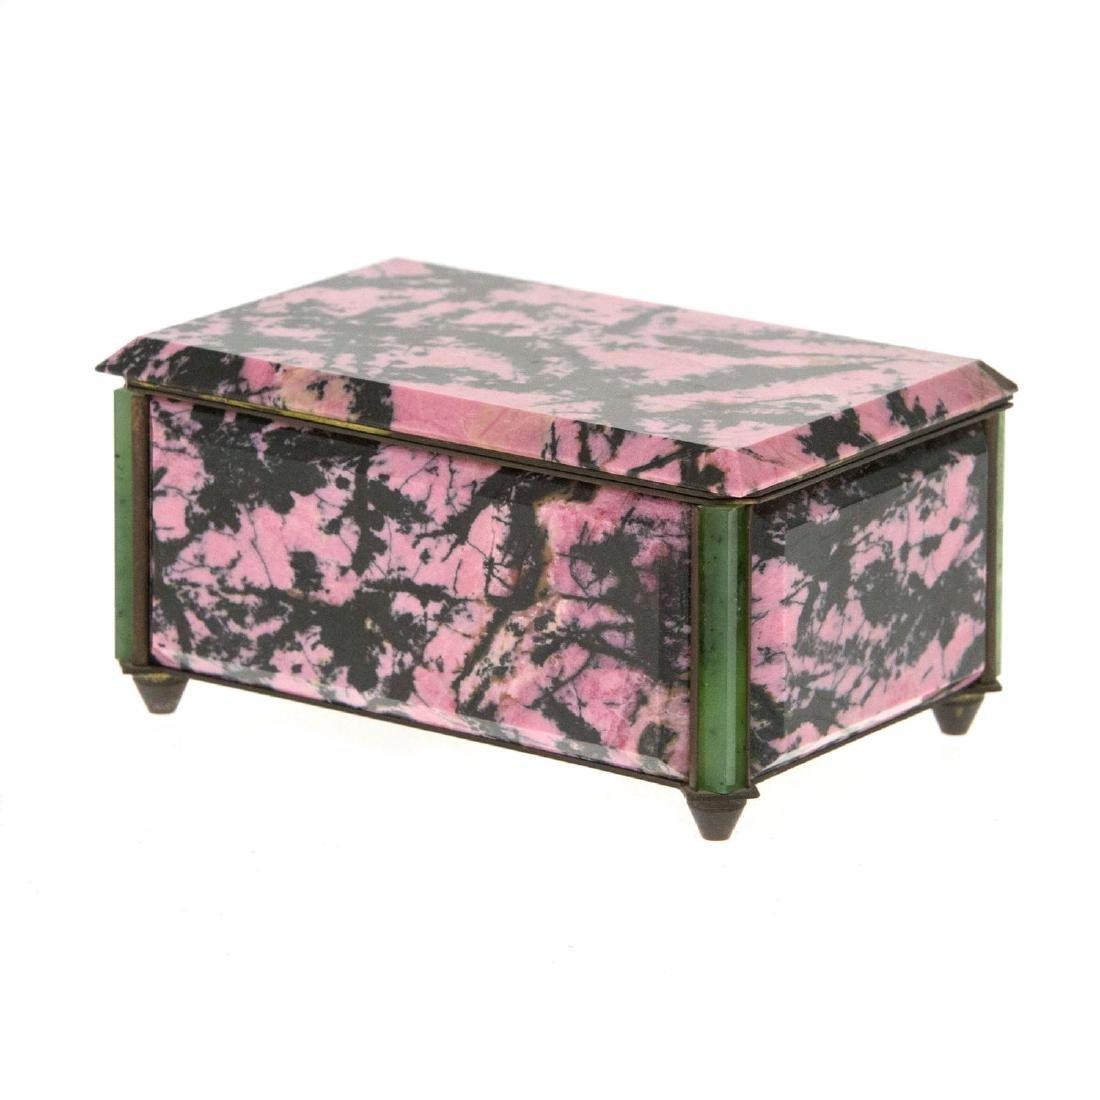 Rhodonite and Aventurine Jewelry Box. - 3